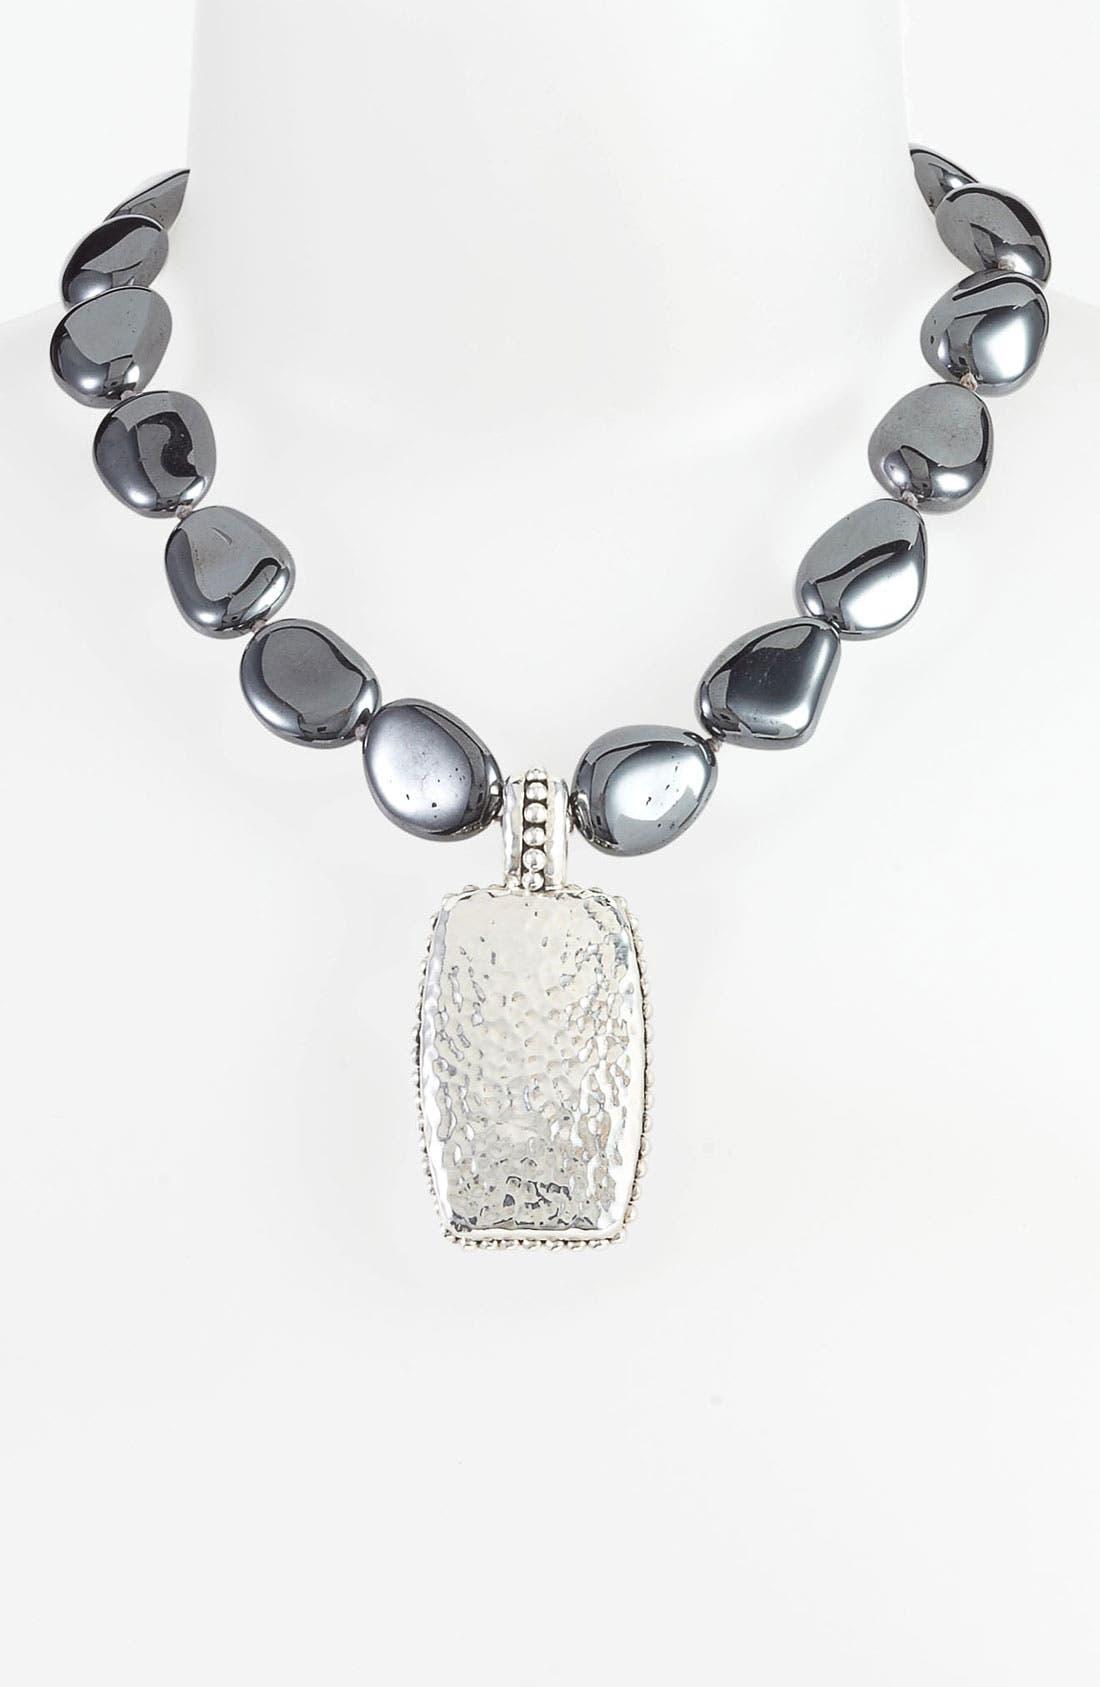 Main Image - Simon Sebbag 'Prosecco' Bead Necklace